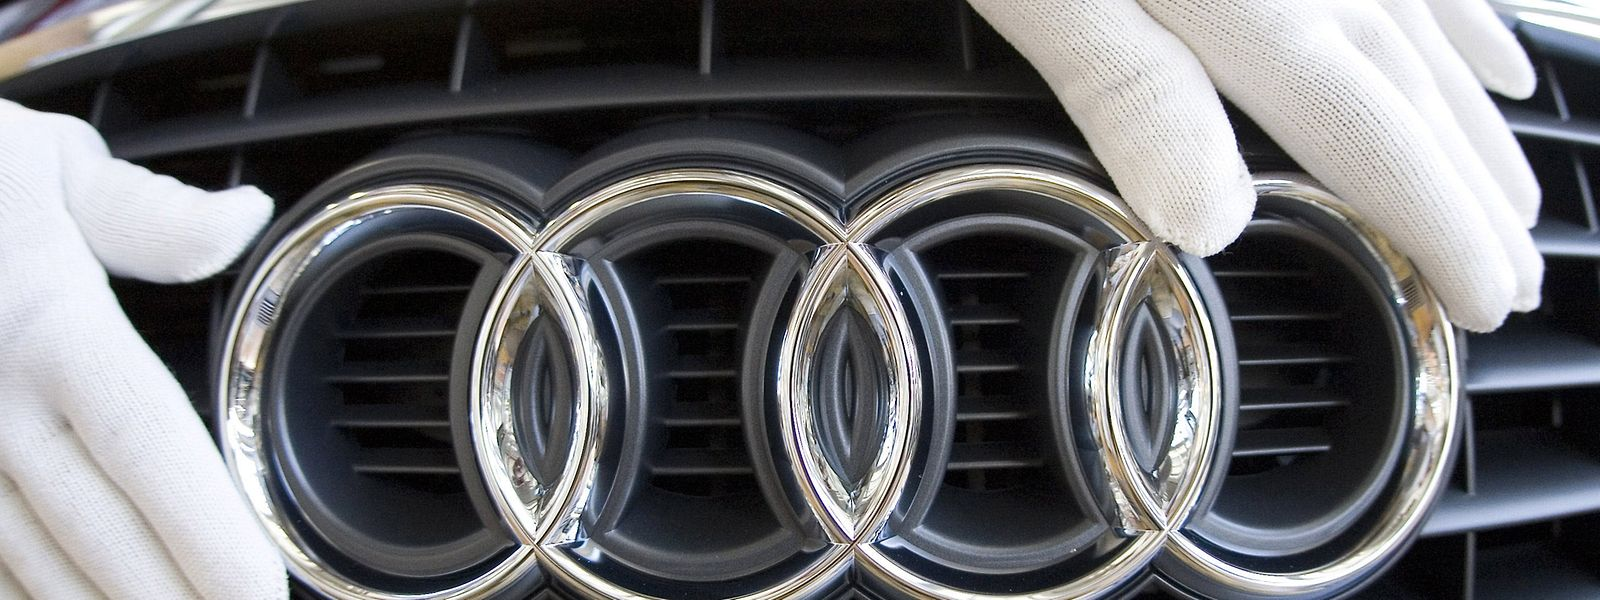 Nach Mercedes will nun auch Audi europaweit Motoren per Software-Update nachbessern.